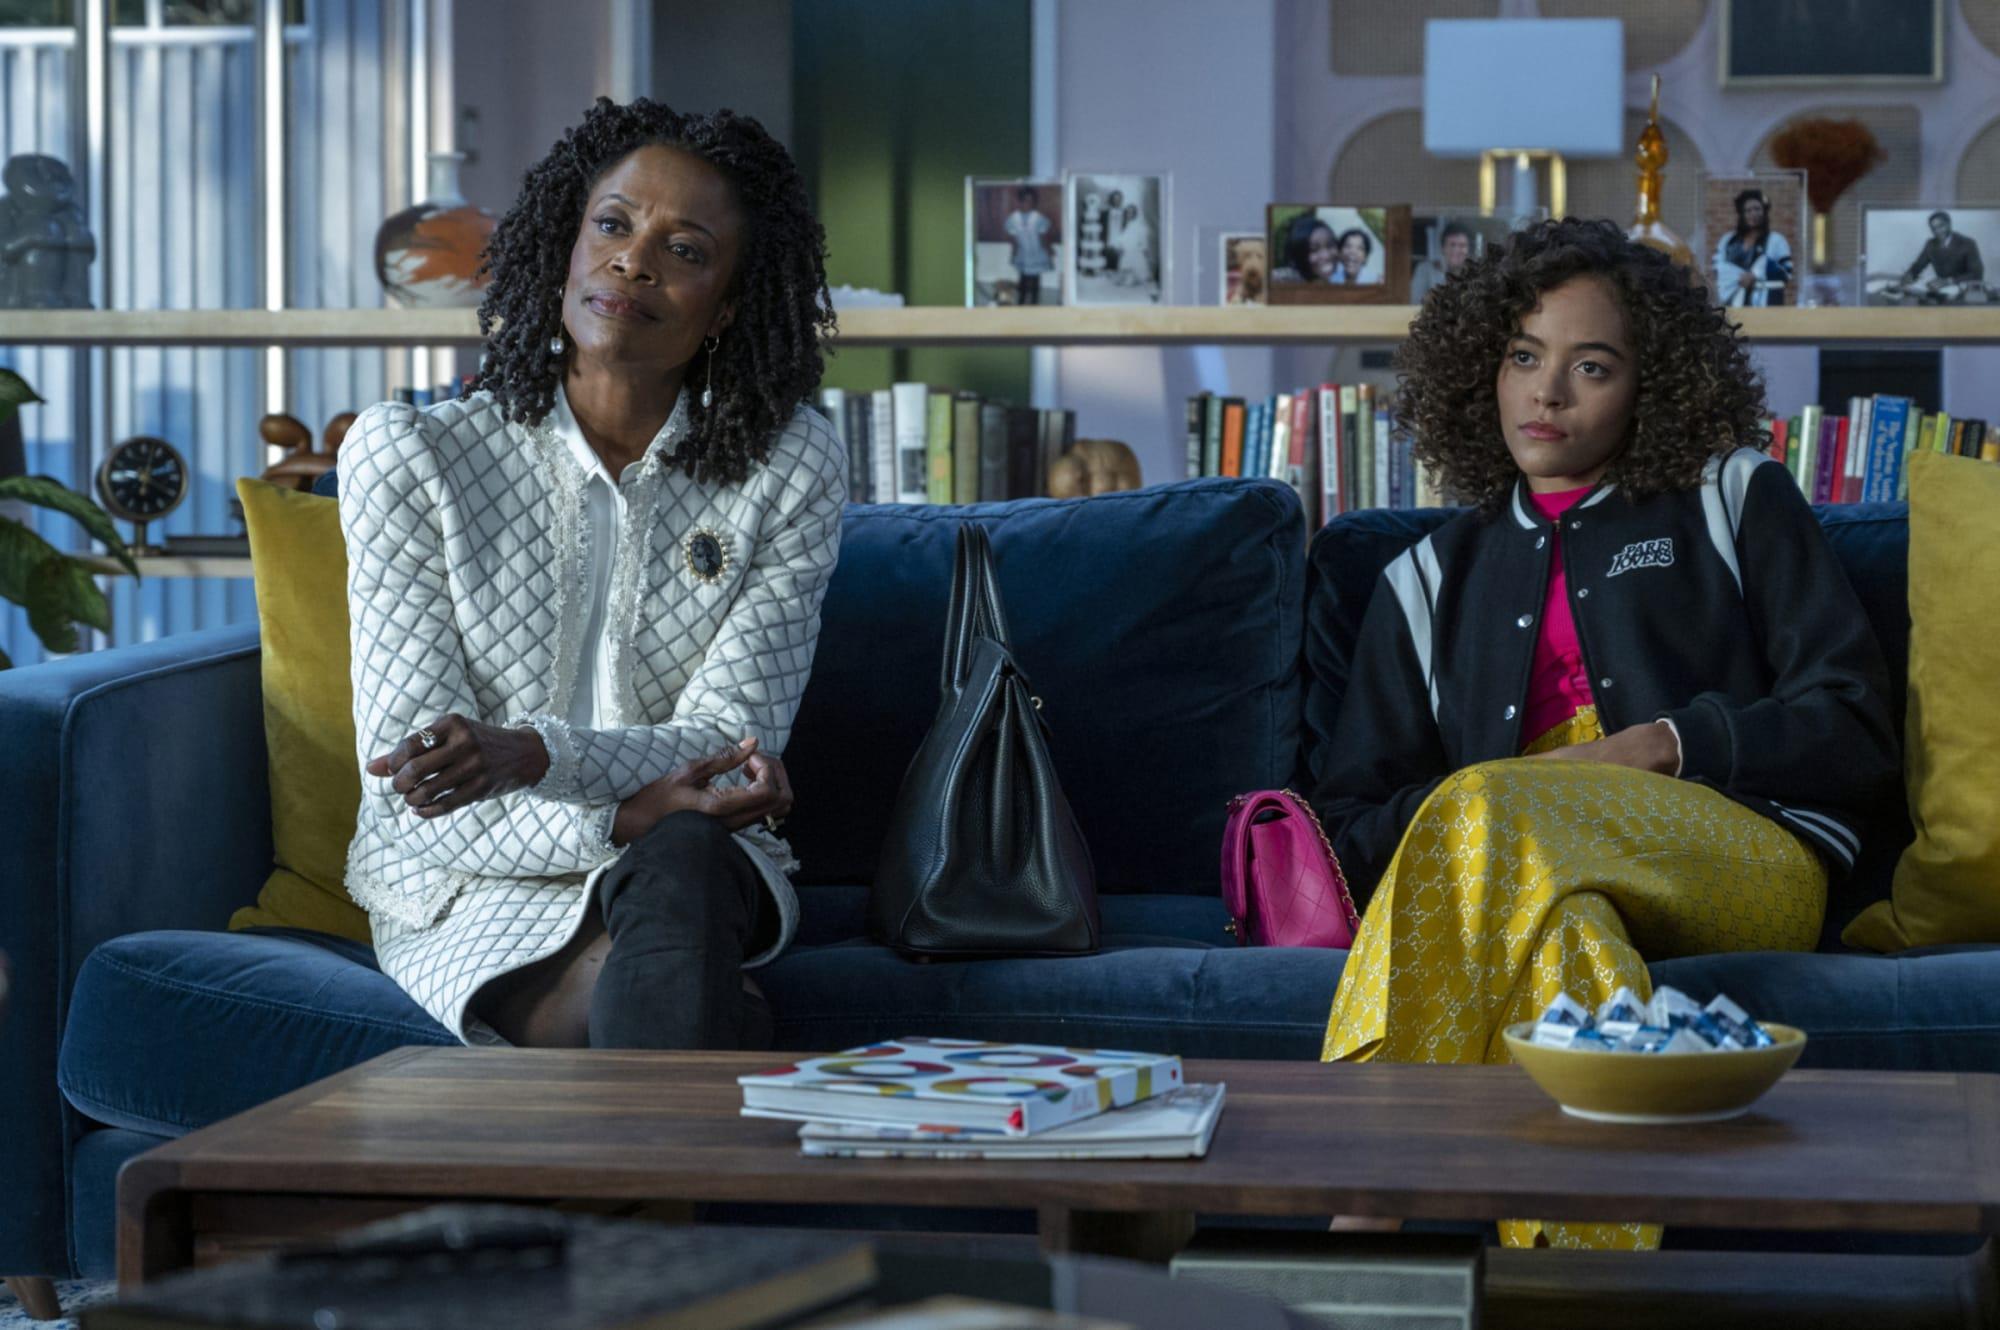 A imagem é uma cena da série In Treatment. Nela, Quintessa Swindelle, que interpreta Laila, está sentada no lado esquerdo de um sofá em uma sala de estar, ao lado direito está Charlayne Woodard, que interpreta Rhonda. Laila é uma jovem negra de pele clara, com cabelos cacheados e acima dos ombros; ela veste uma blusa rosa, um moletom preto estilo college e calças amarelas. Rhonda é uma senhora negra, de cabelos pretos cacheados na altura nos ombros, ela veste um conjunto de saia e blazer brancos.